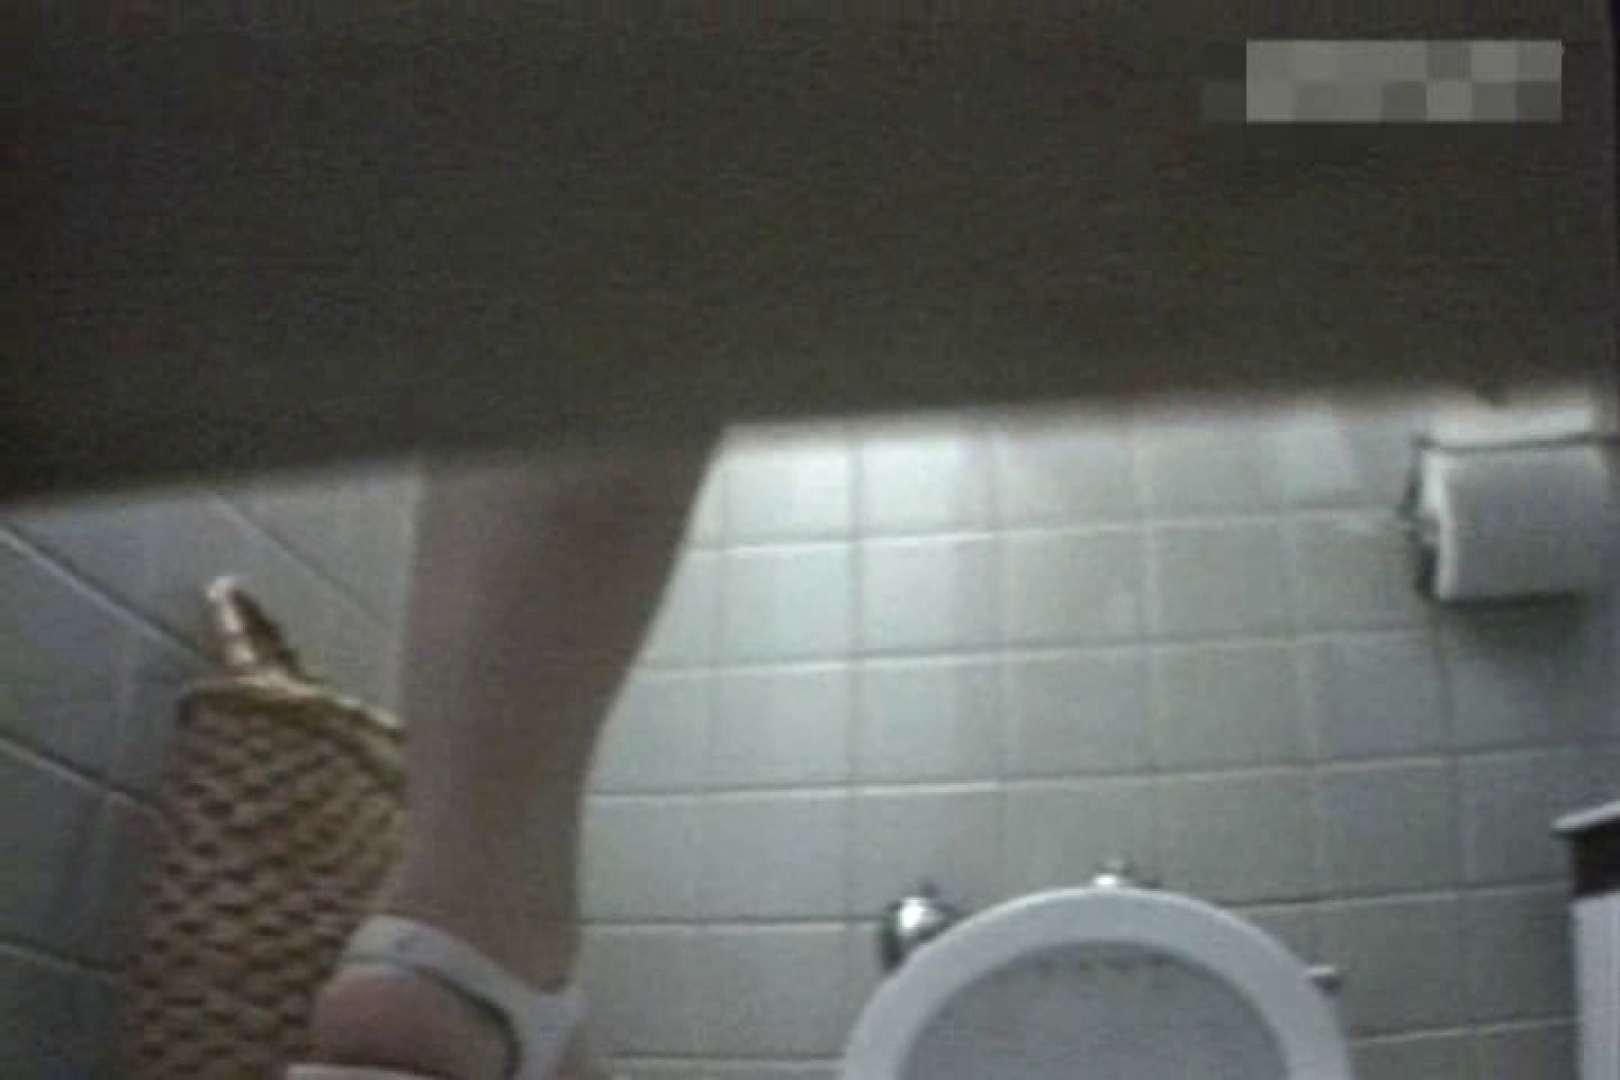 個室狂いのマニア映像Vol.2 おまんこ無修正 | 水着  105画像 31